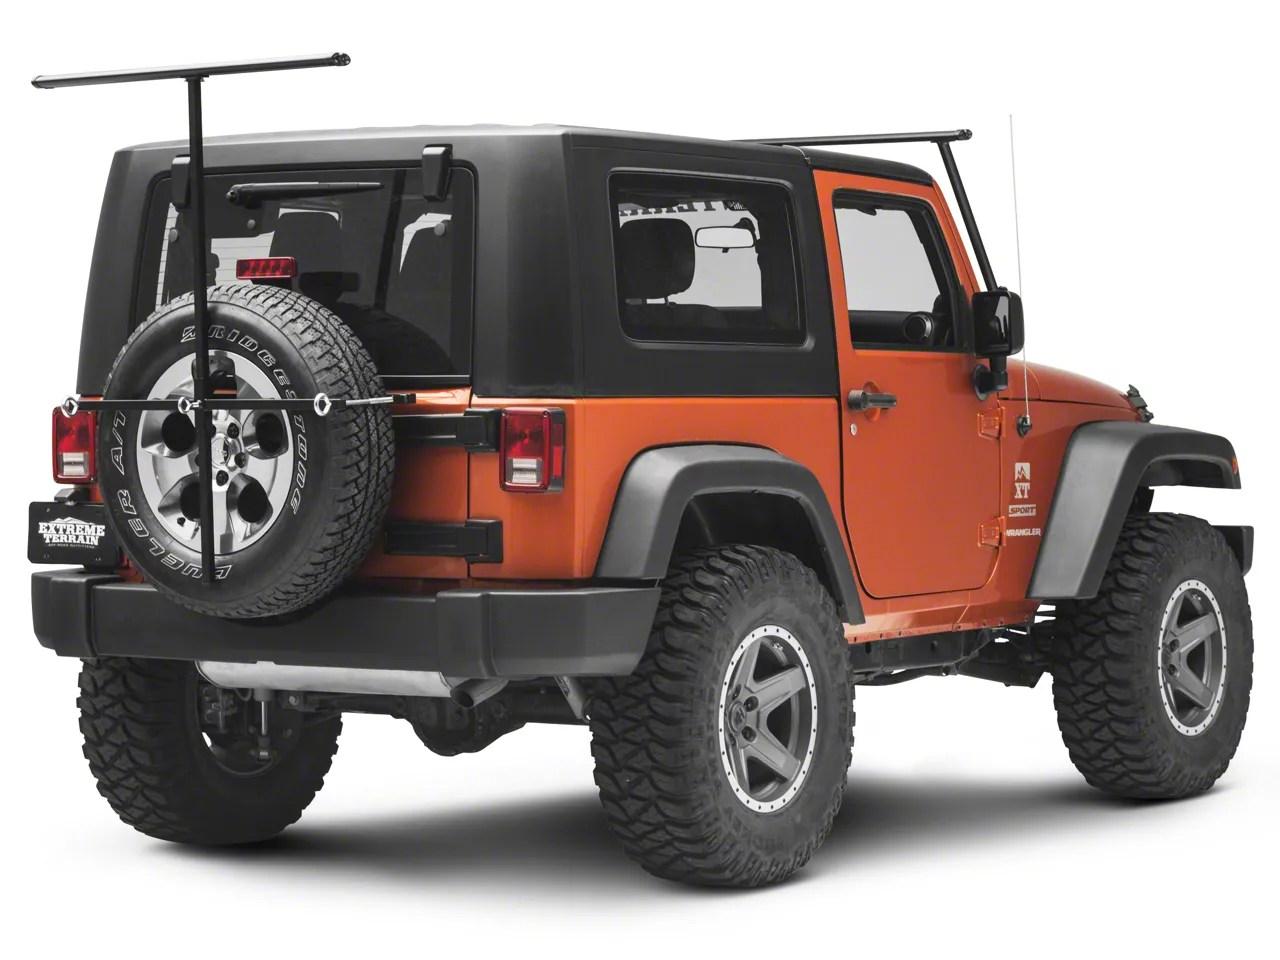 lange jeep wrangler rack system 110 300